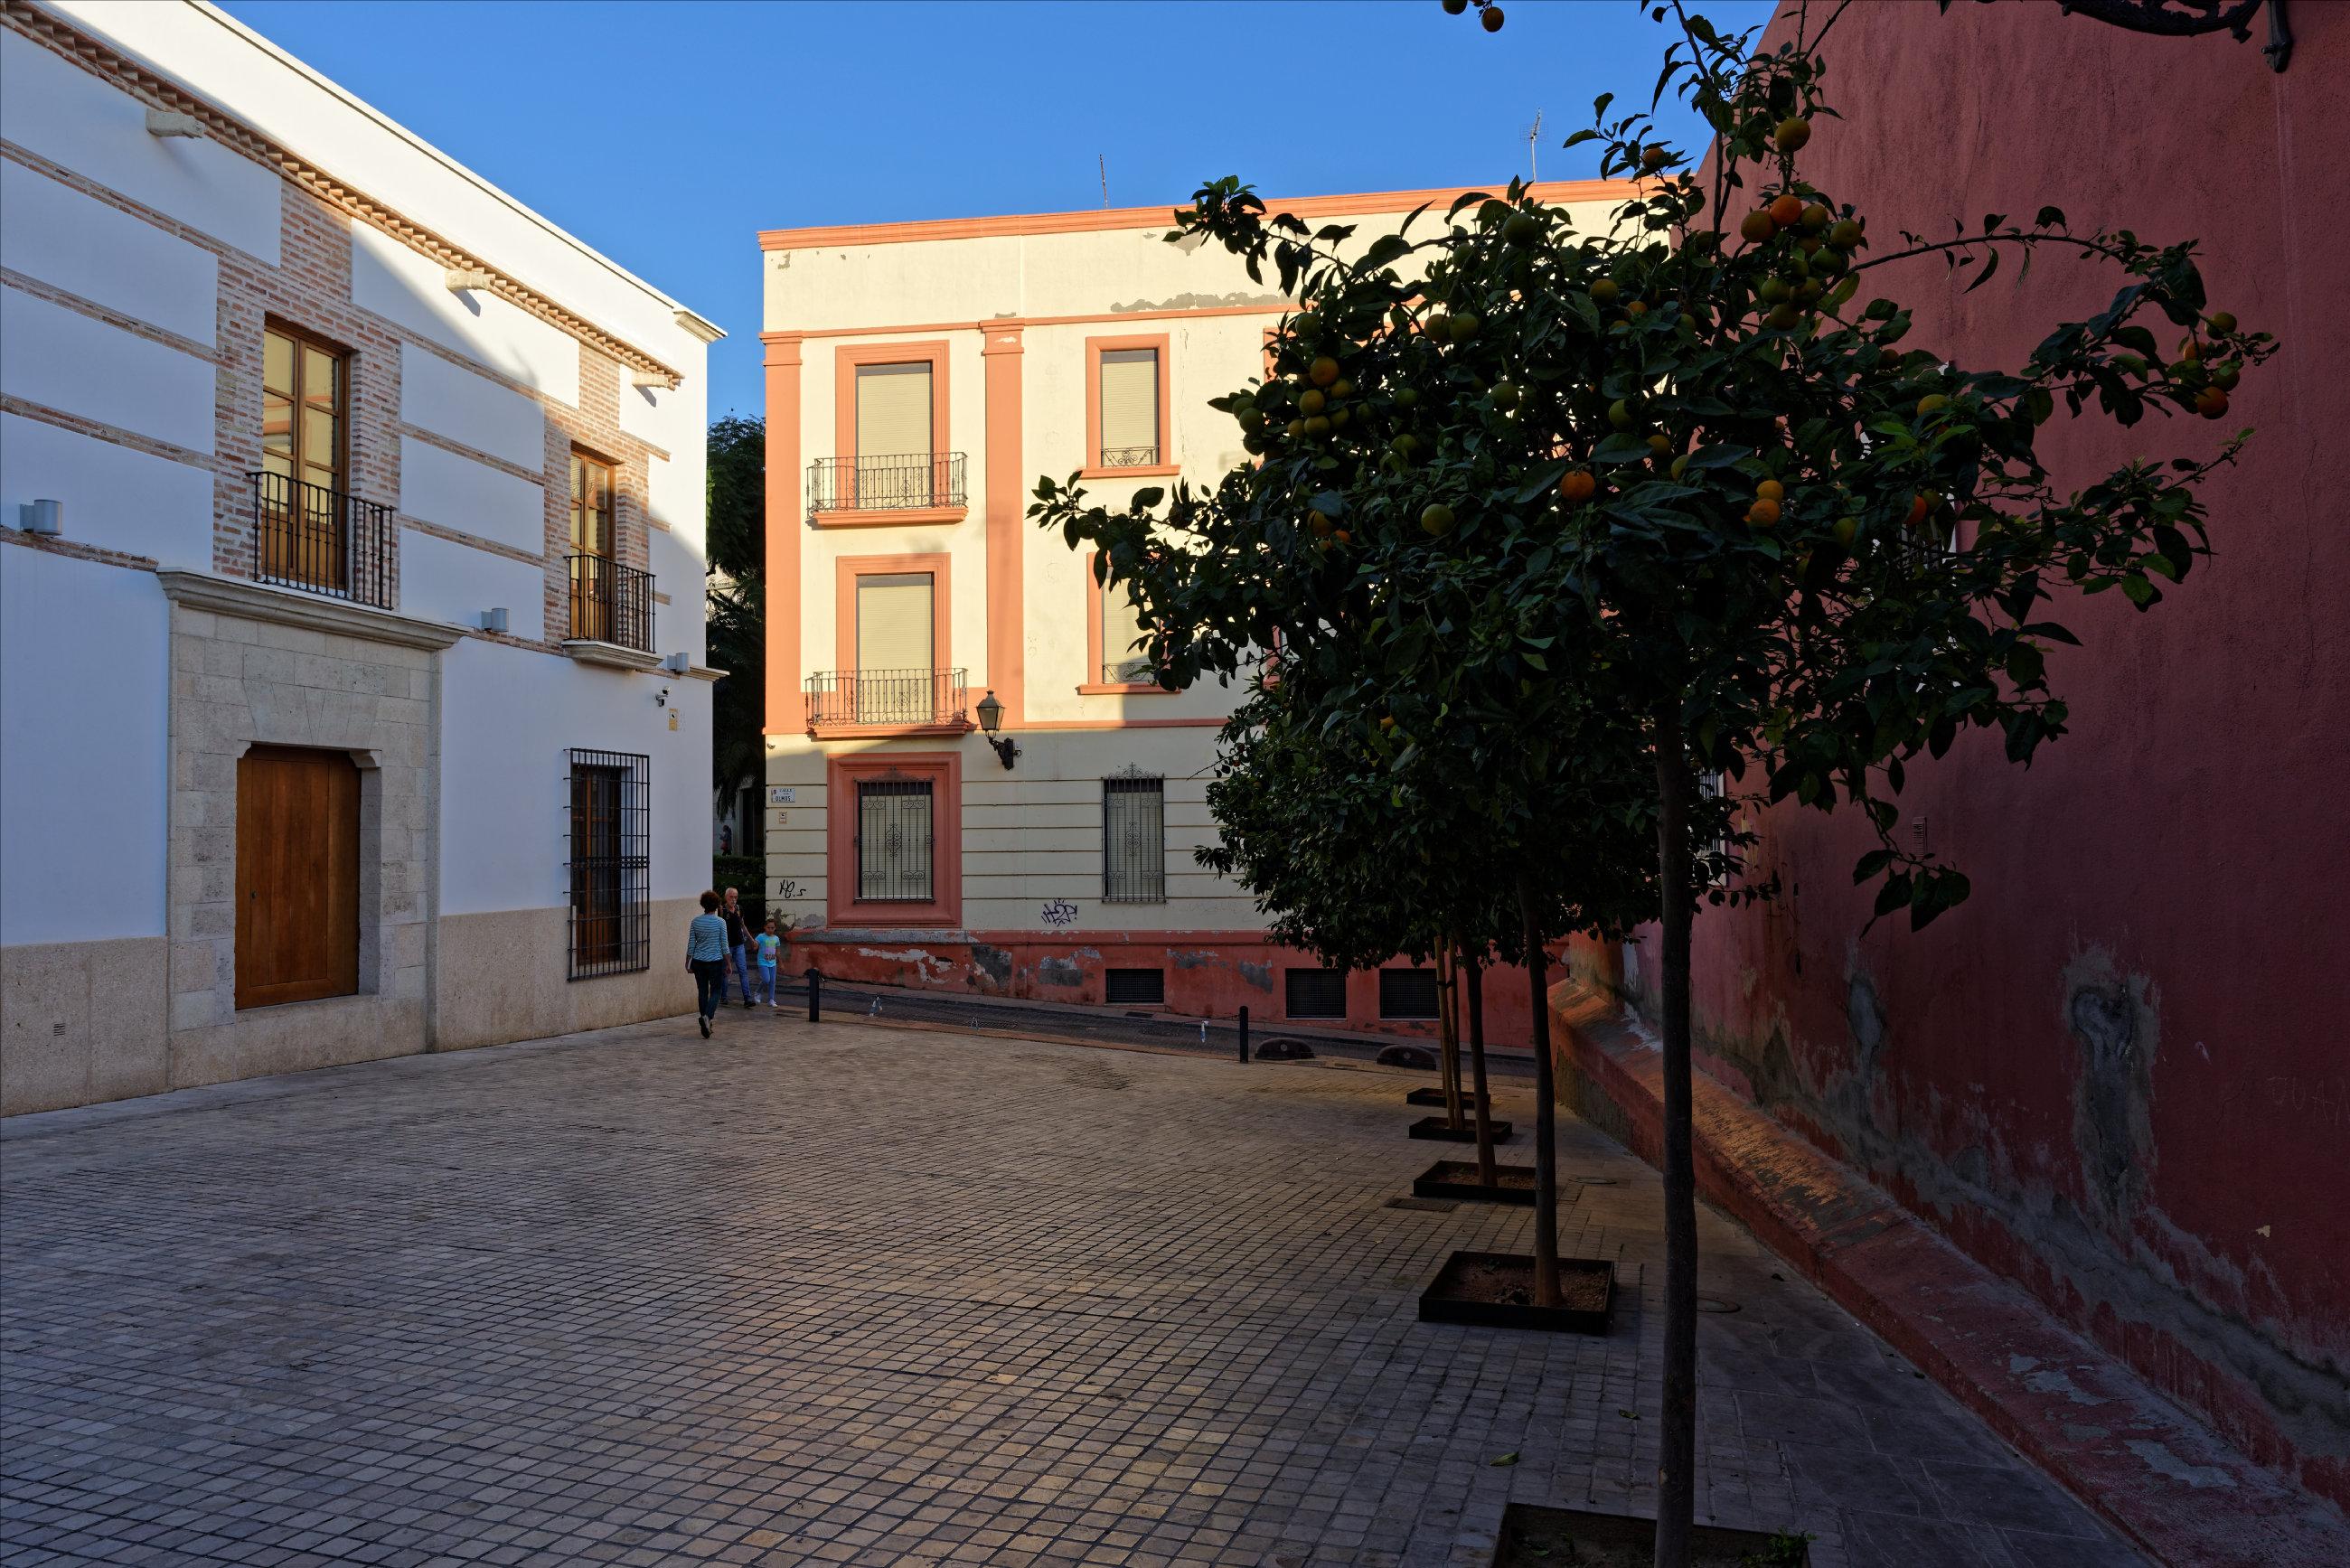 151109-Almeria (42)